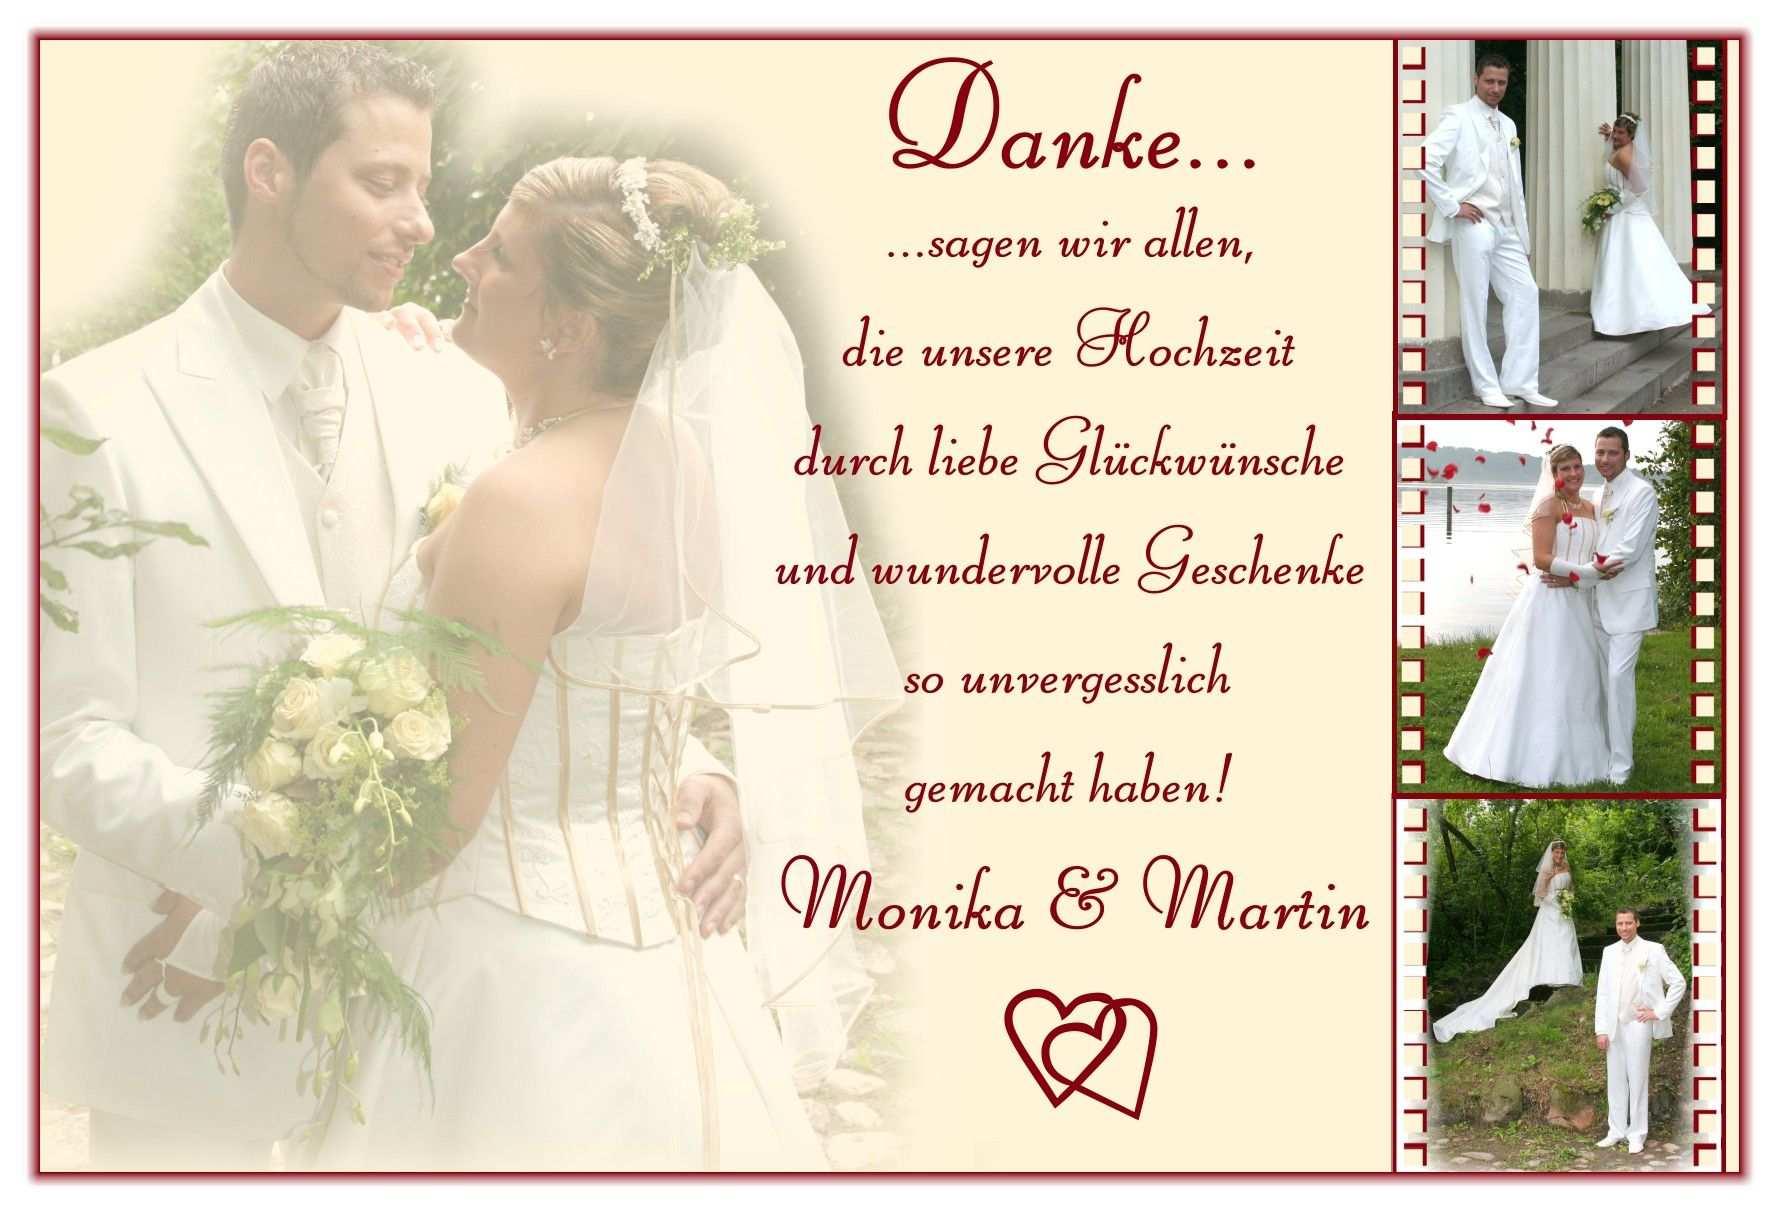 Danksagung Hochzeit Text Dankeskarte Hochzeit Hochzeit